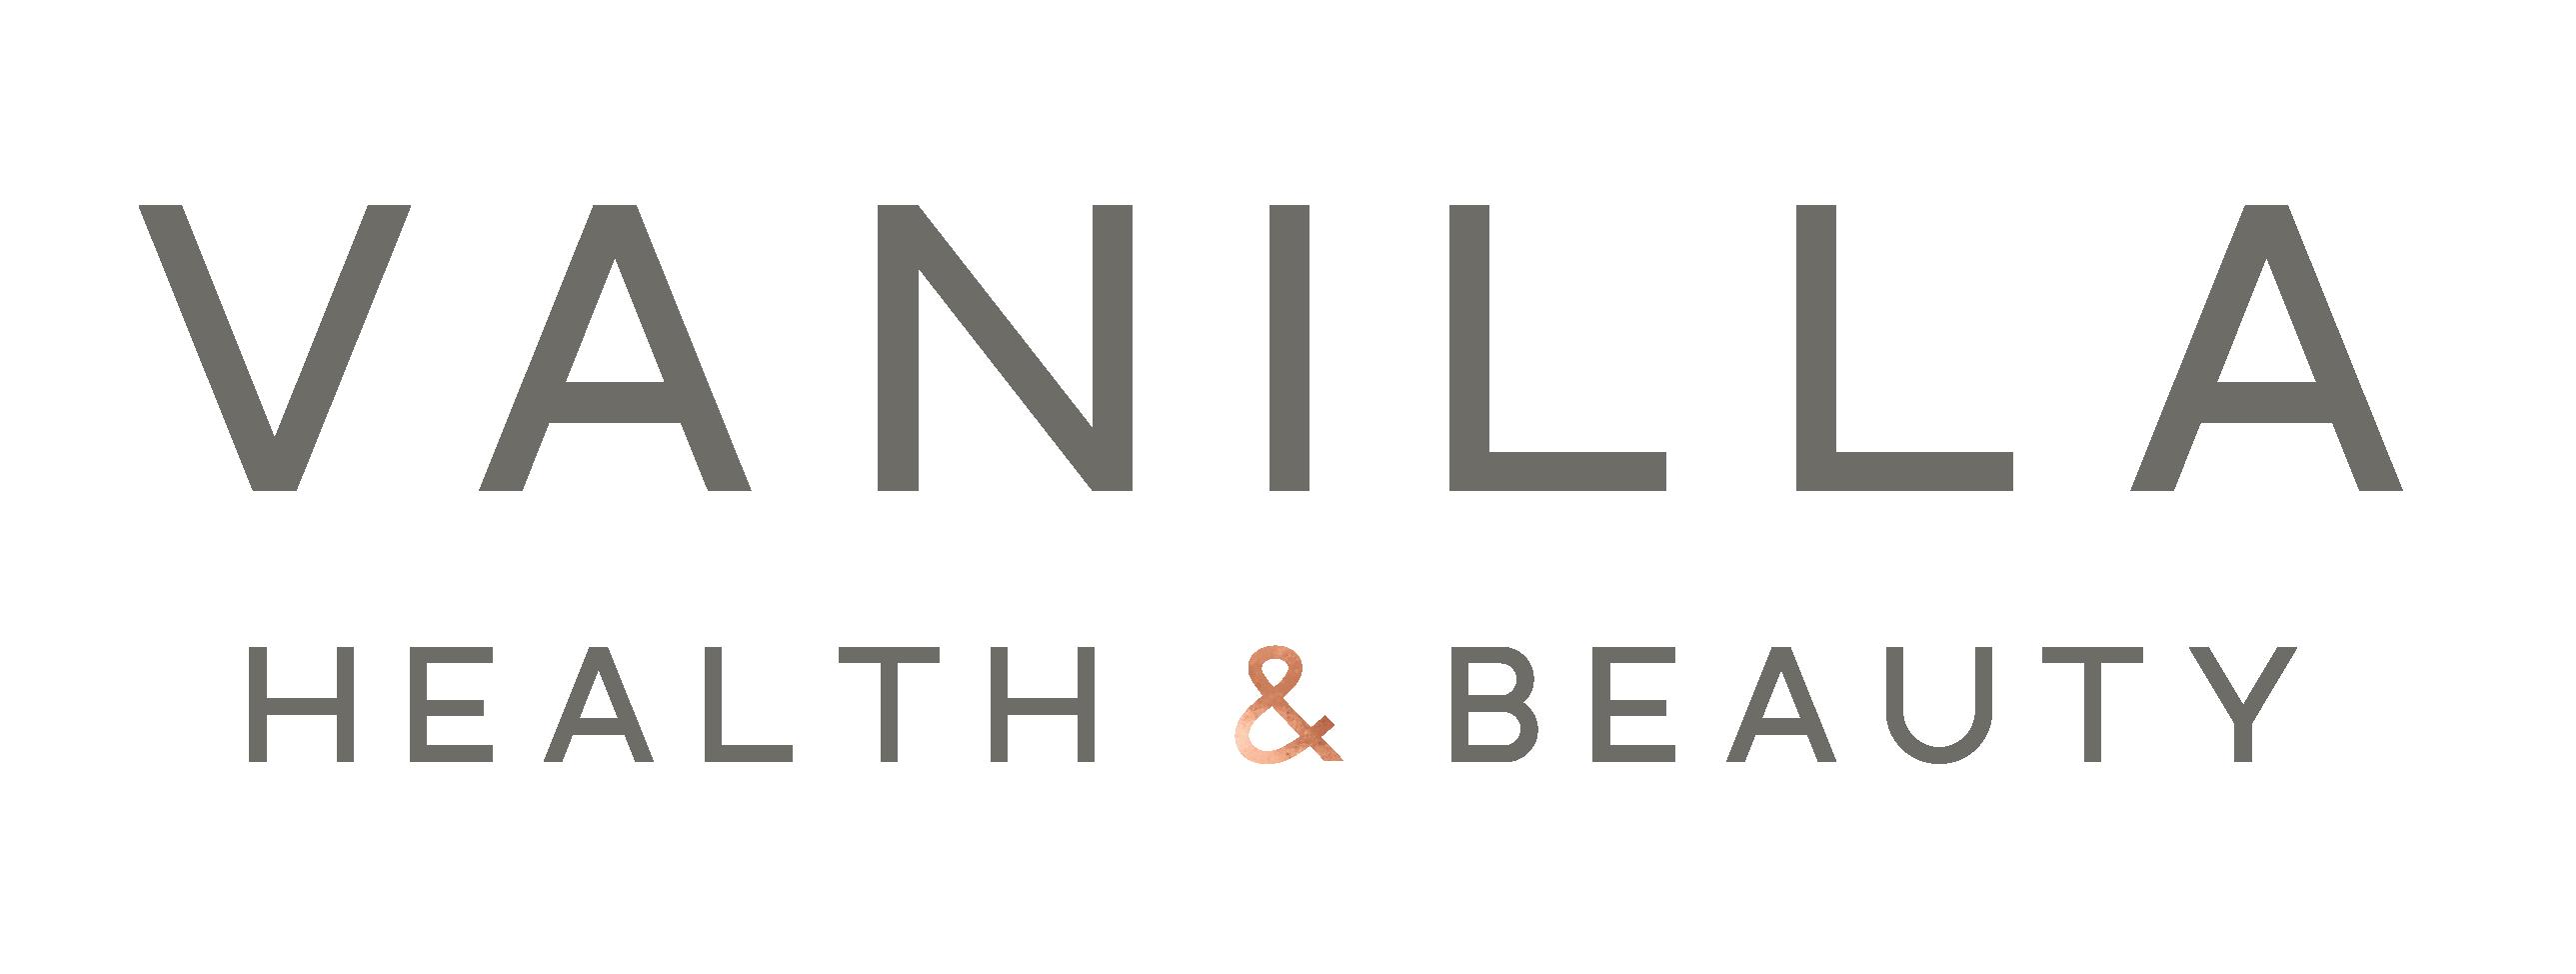 Vanilla Health & Beauty